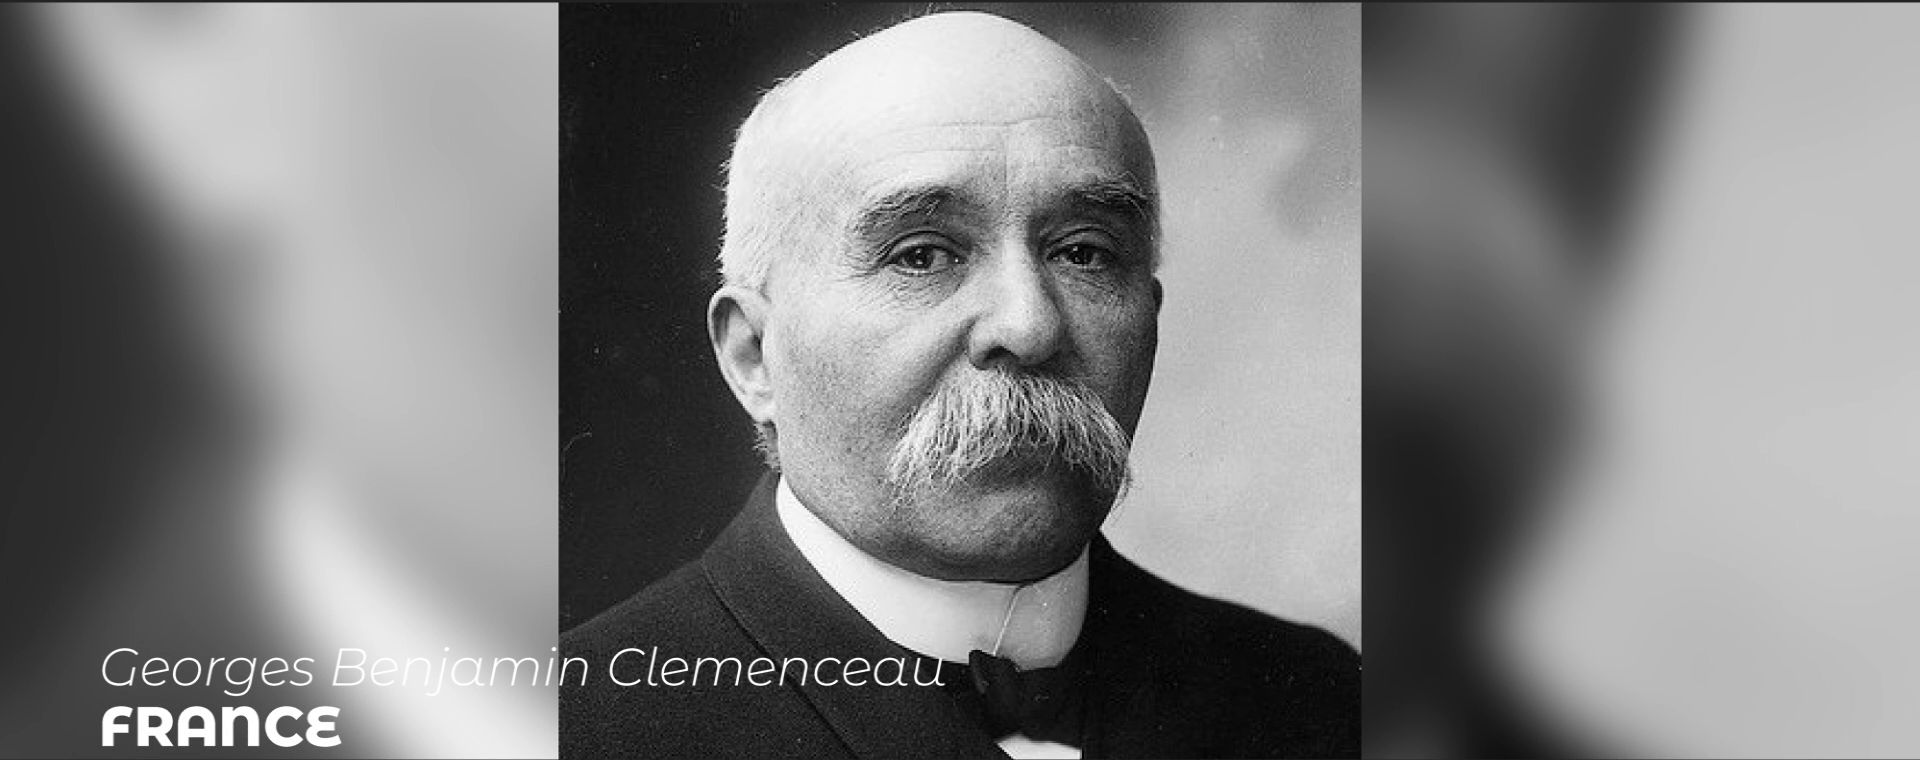 GEORGES BENJAMIN CLEMENCEAU